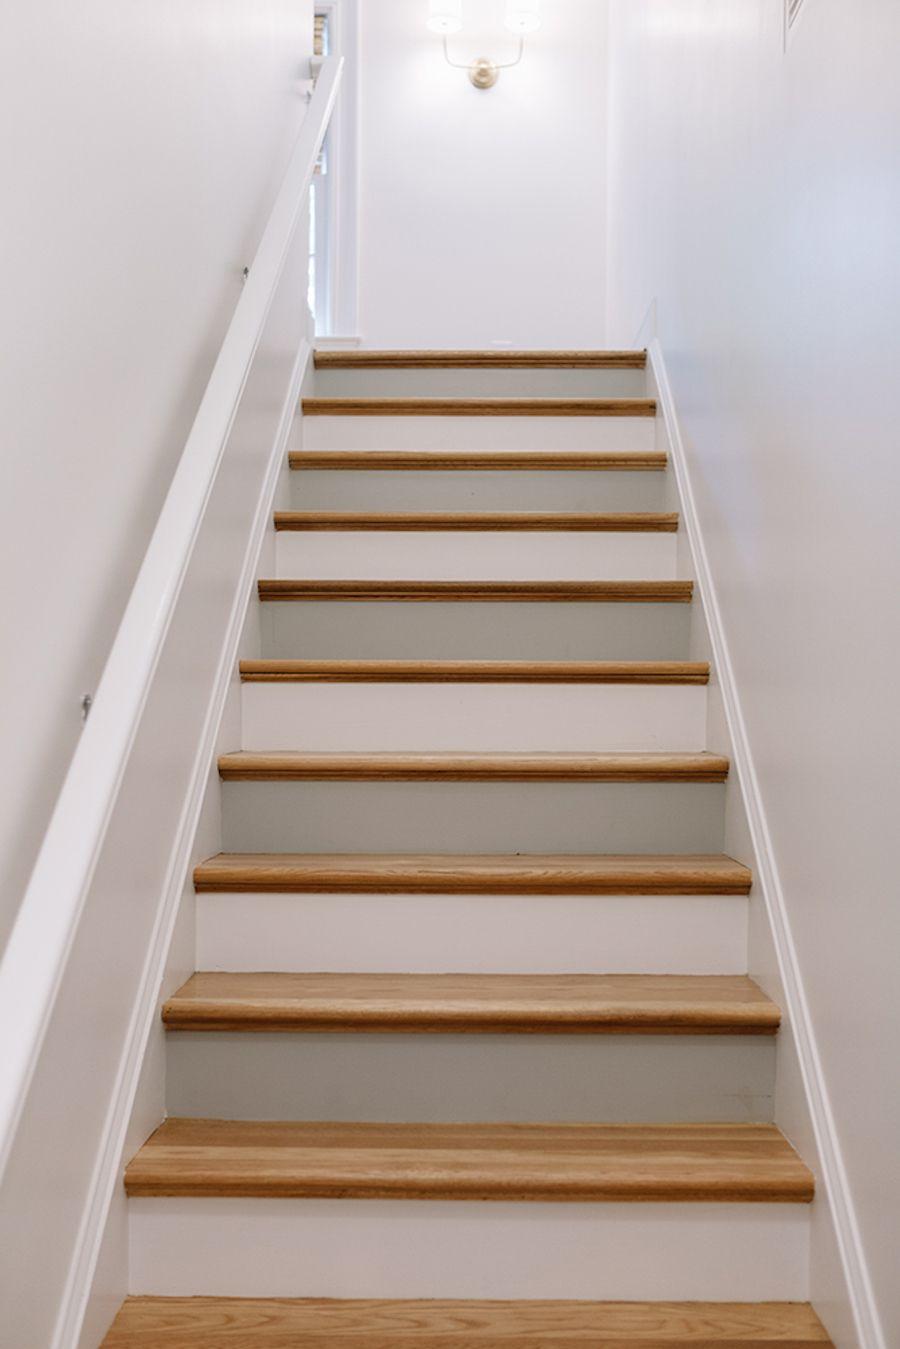 10 Unique Ways To Add Paint To Your Home Deco Maison Escalier